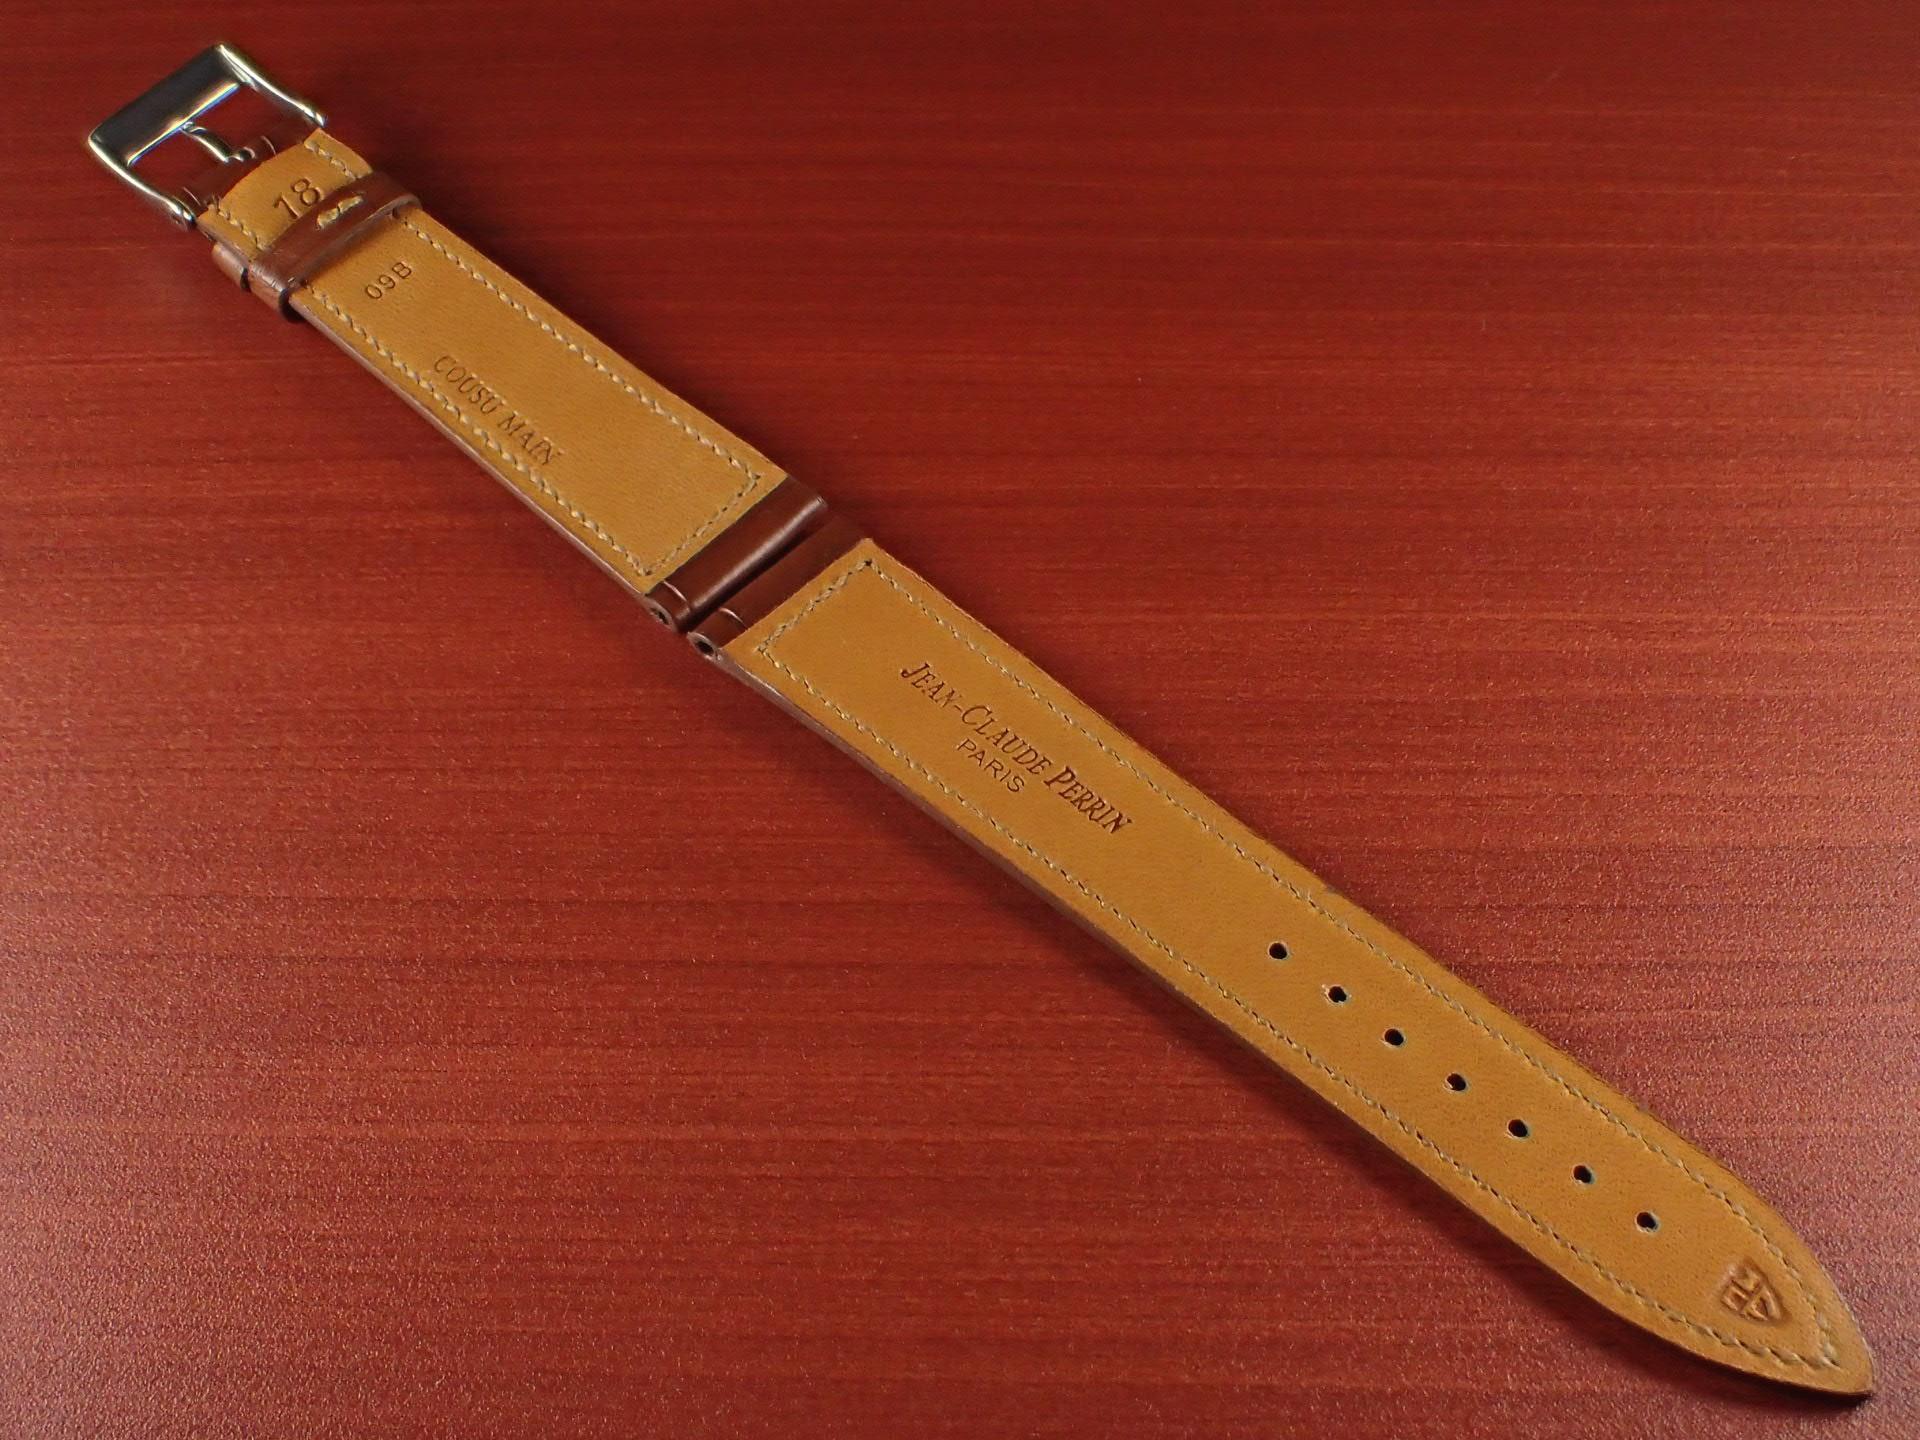 ジャン・クロード ペラン革ベルト クロコダイル ライトブラウン 18mmの写真2枚目